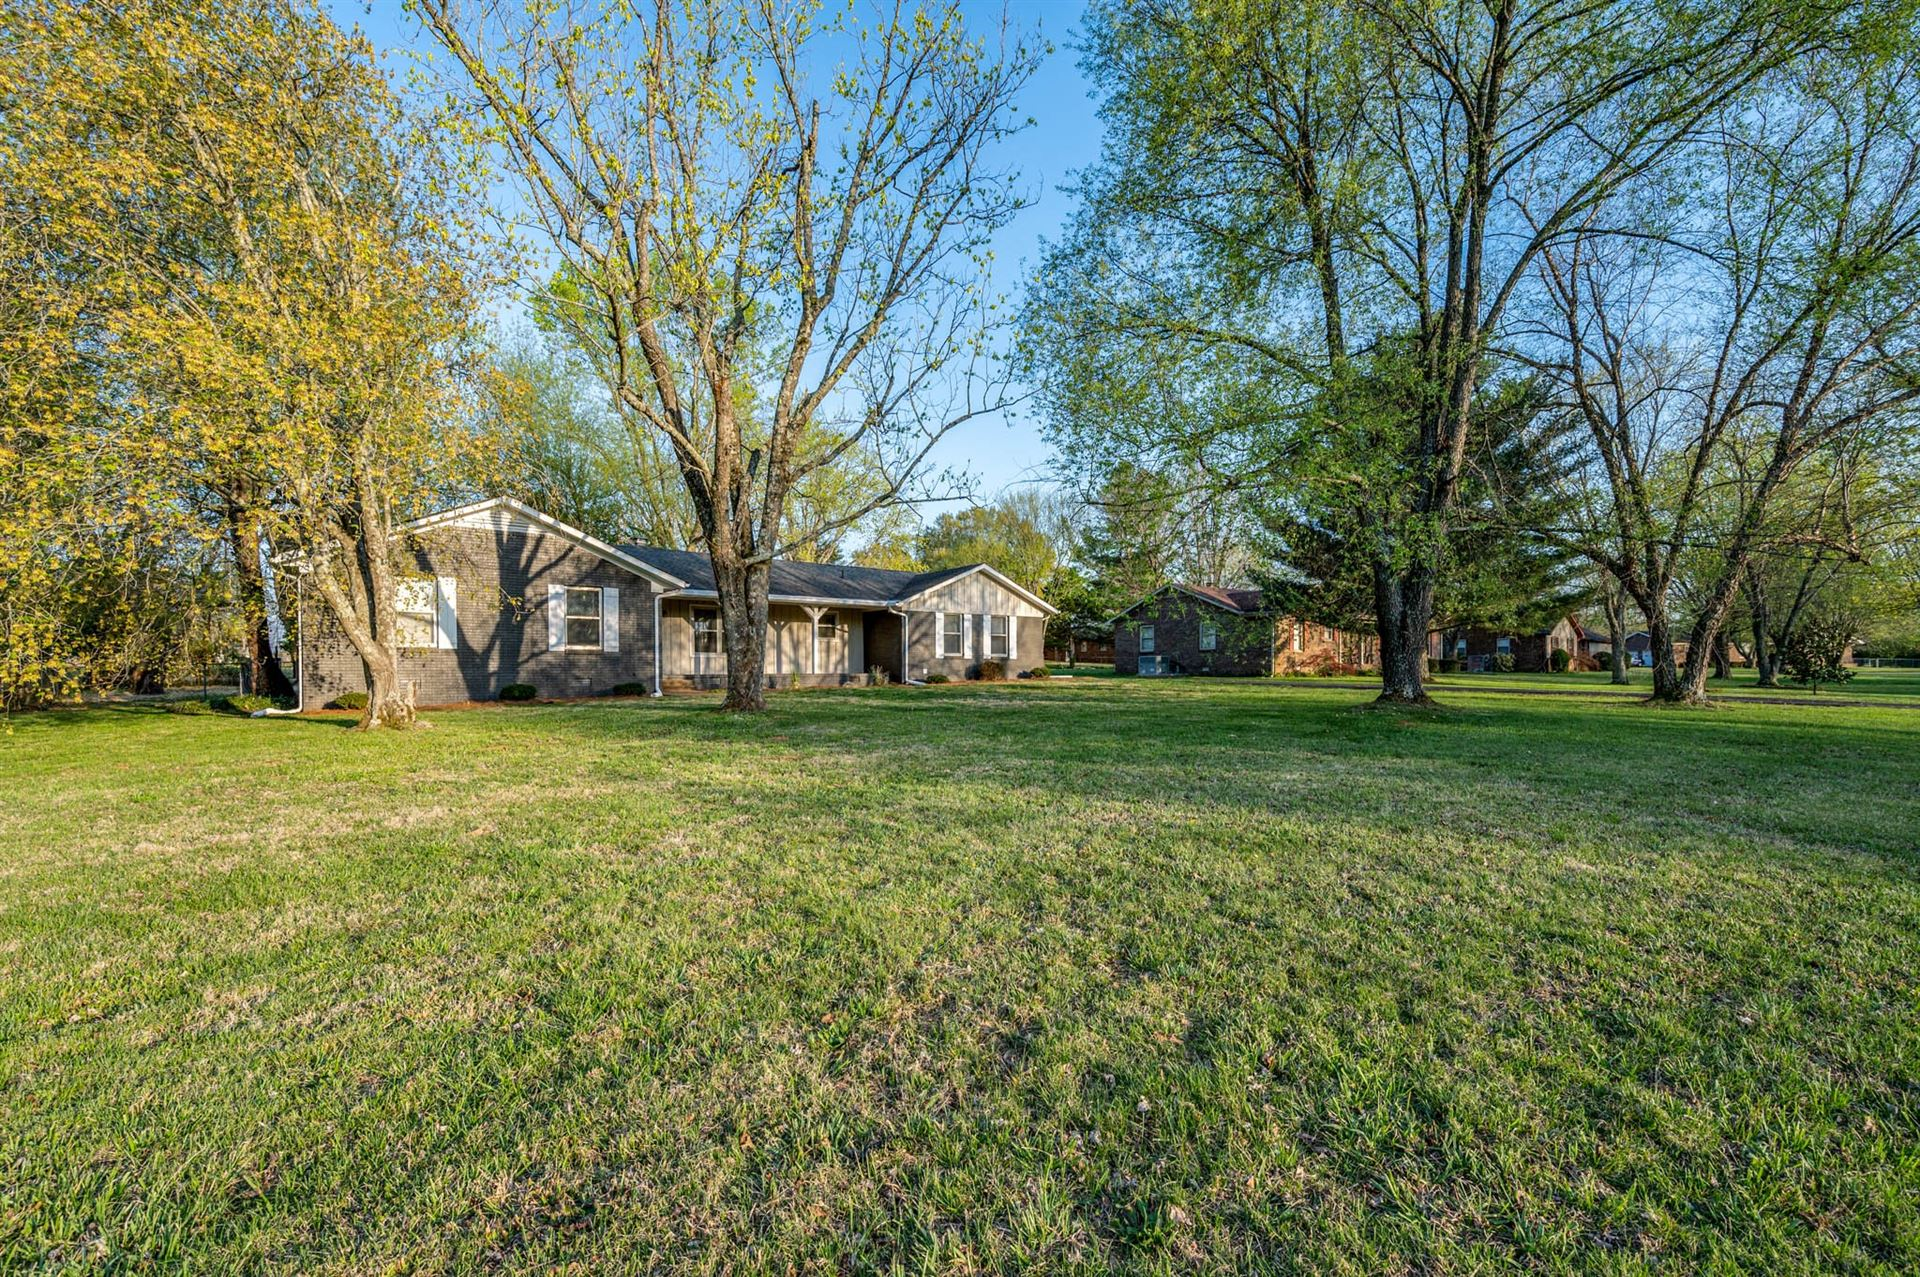 Photo of 3298 Esquire Dr, Murfreesboro, TN 37130 (MLS # 2242500)